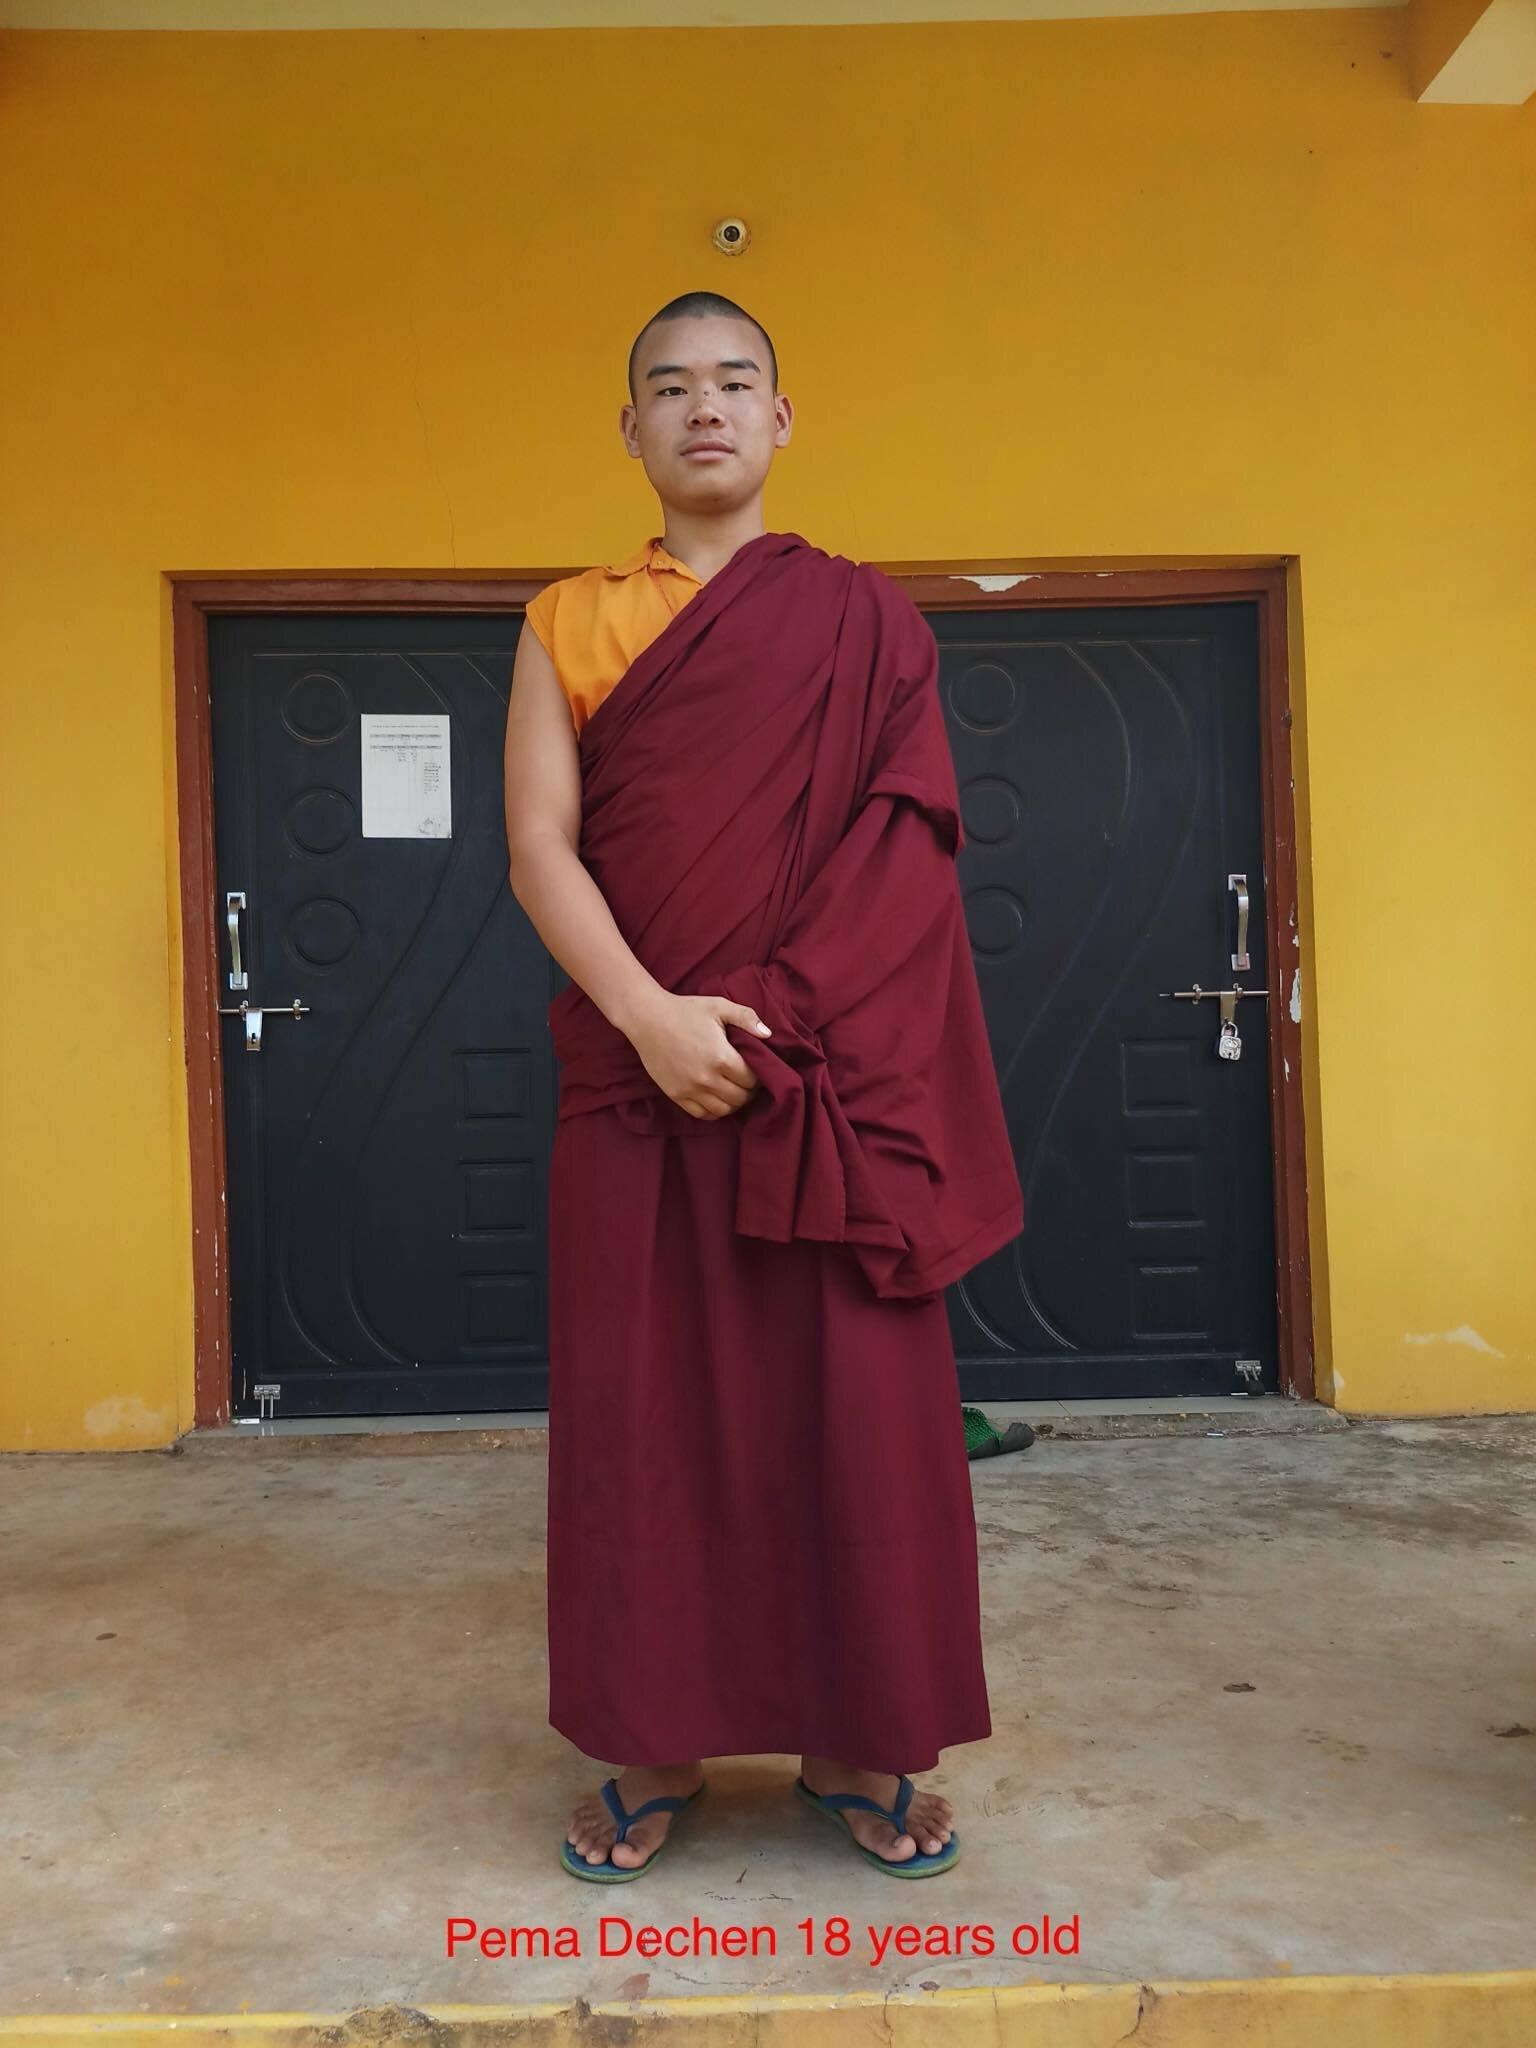 Monk_Pema_Dechen_18yrs_old.jpg